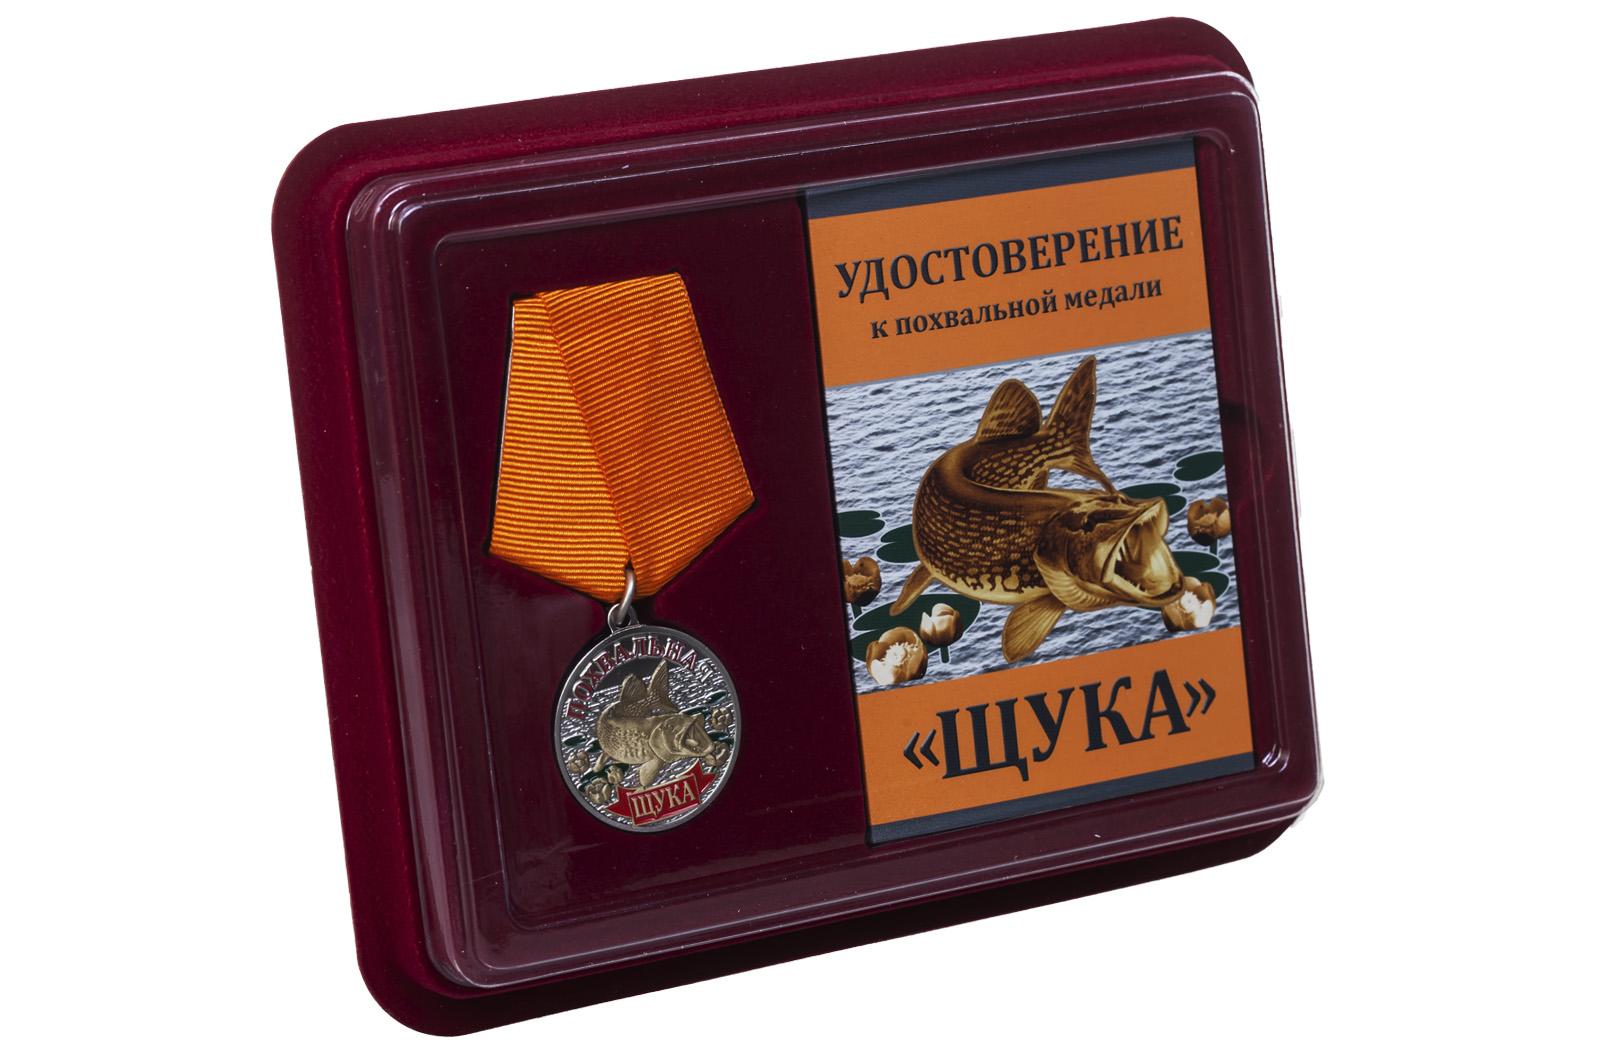 Купить медаль похвальную Щука оптом или в розницу